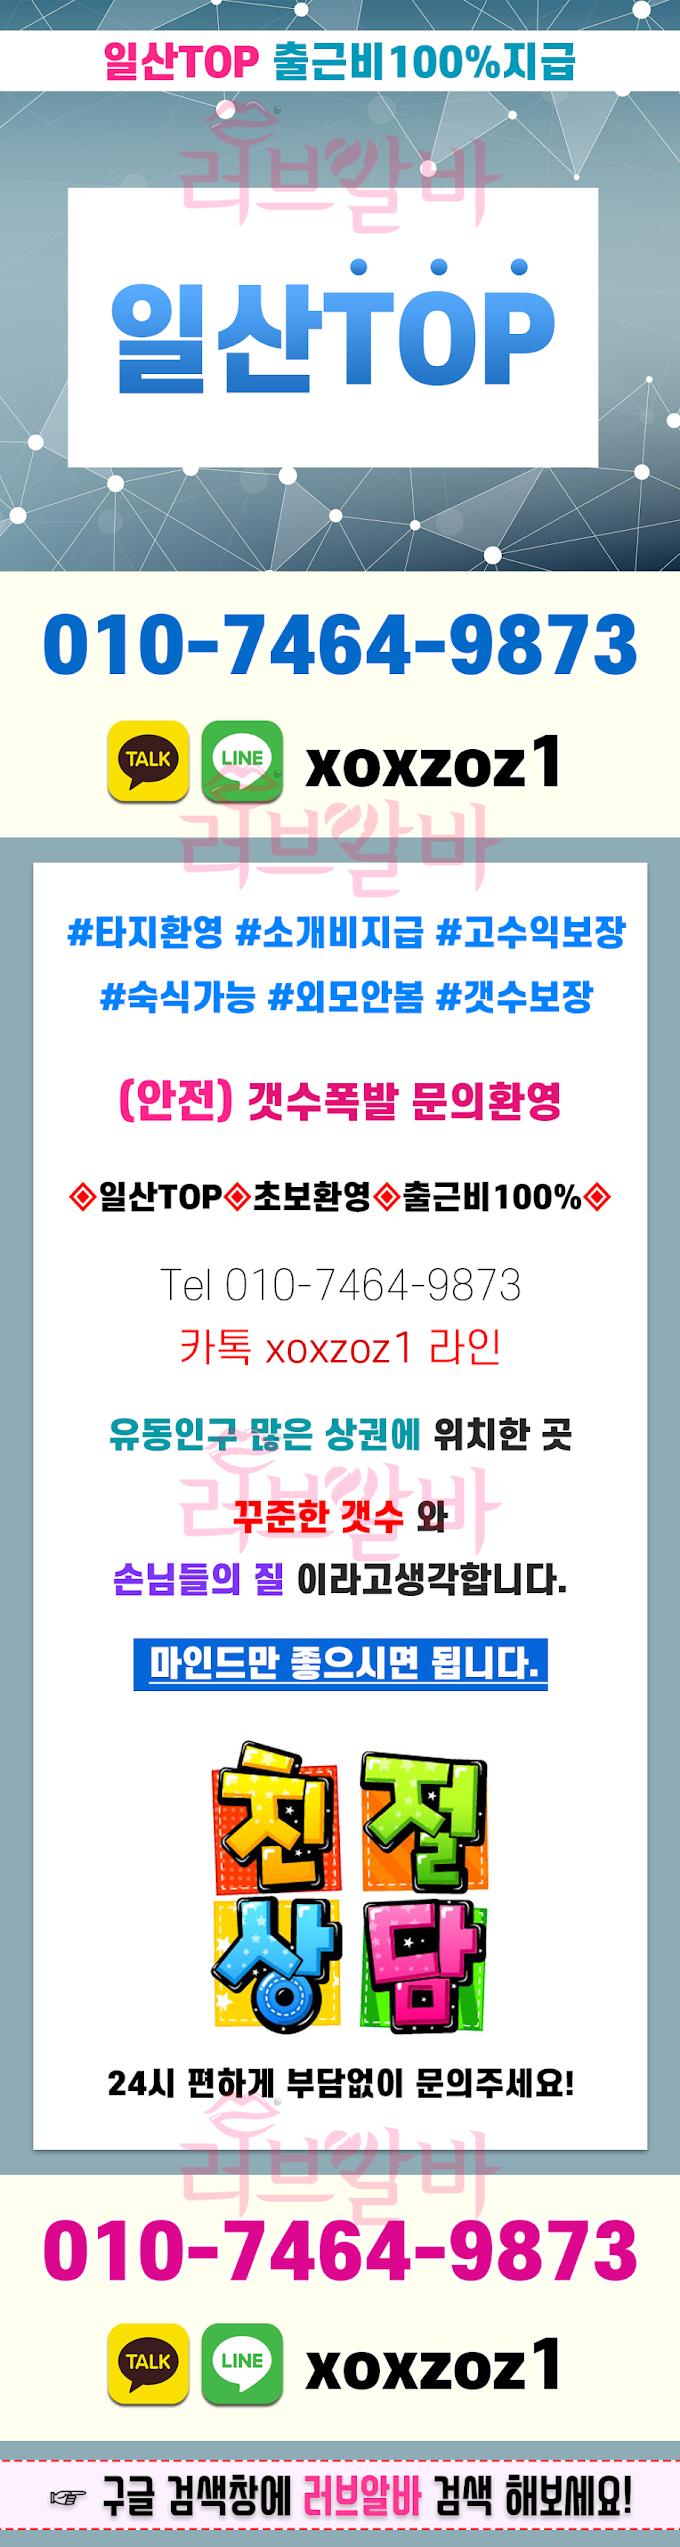 [경기도 일산] 일산TOP ♥ 1등조건 ♥ 숙식가능 ♥ 출근비100%